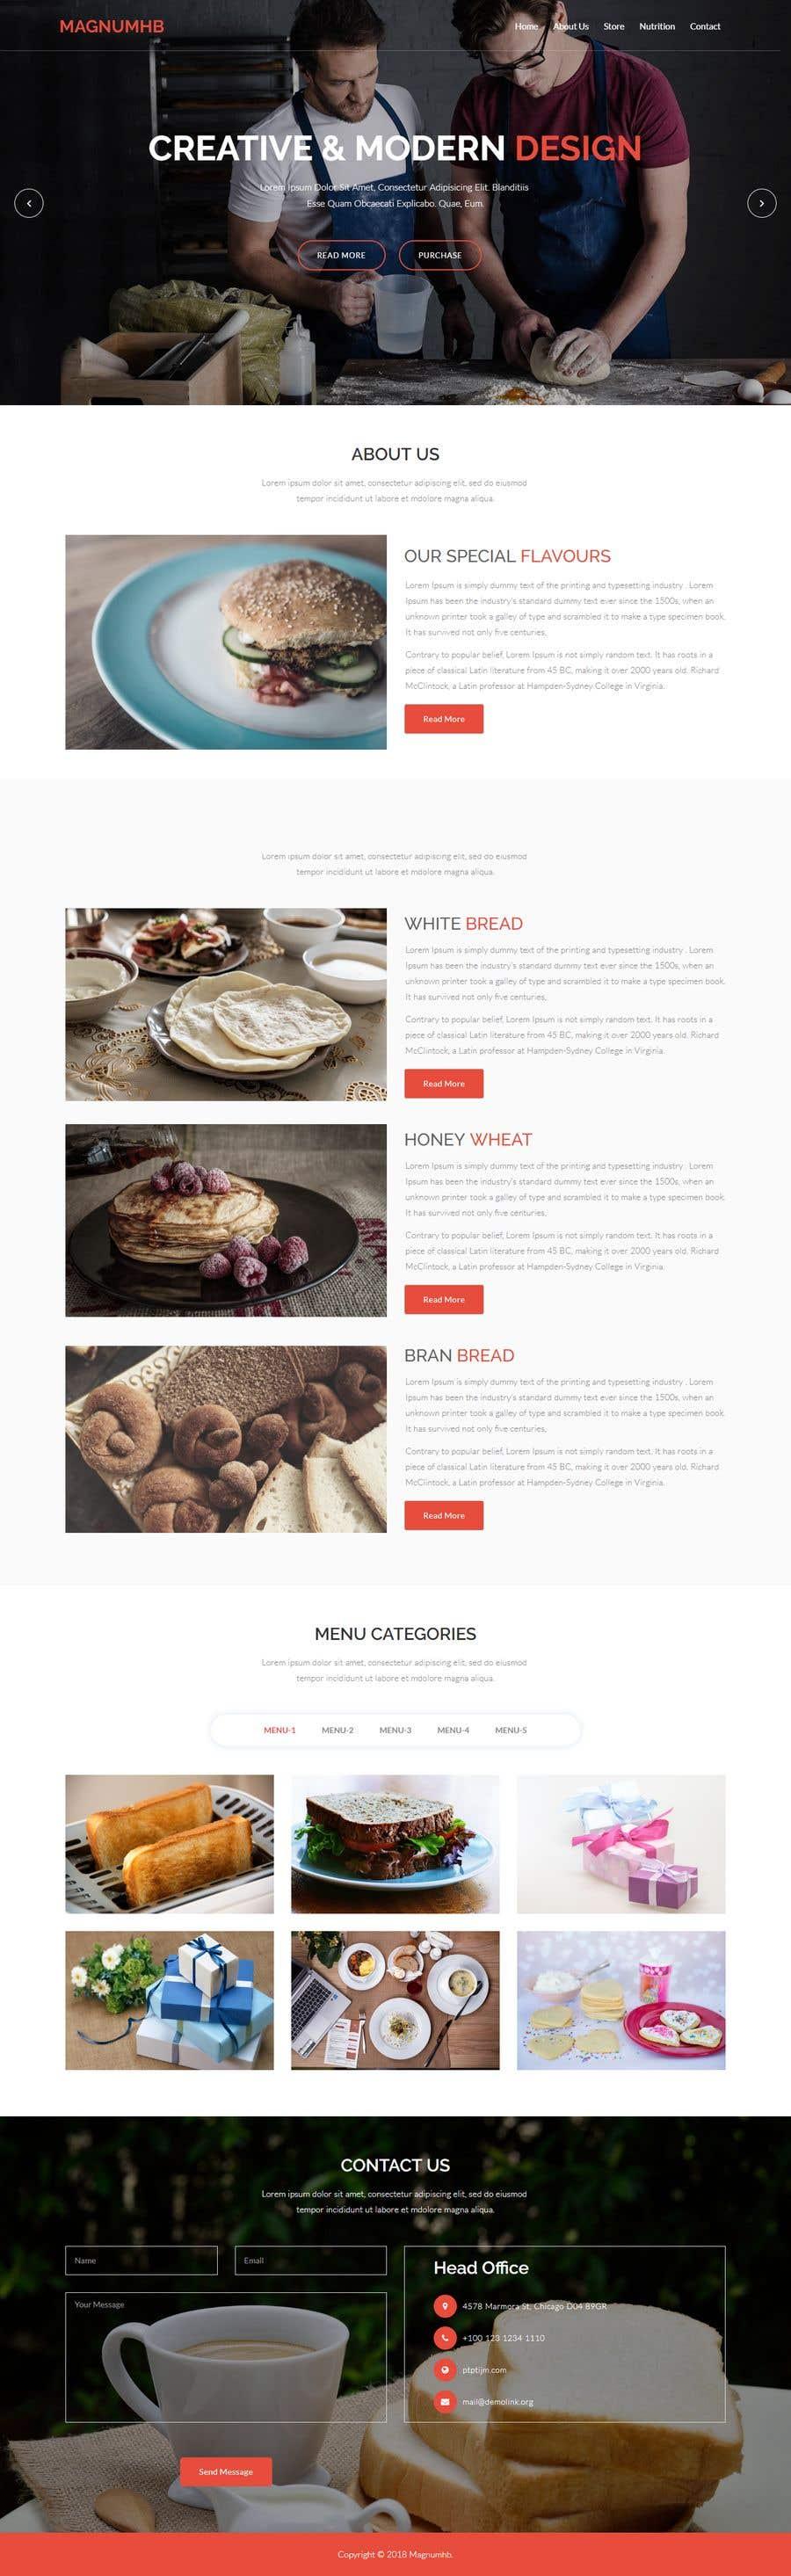 Konkurrenceindlæg #97 for Design A Website and Logo For Restaurant